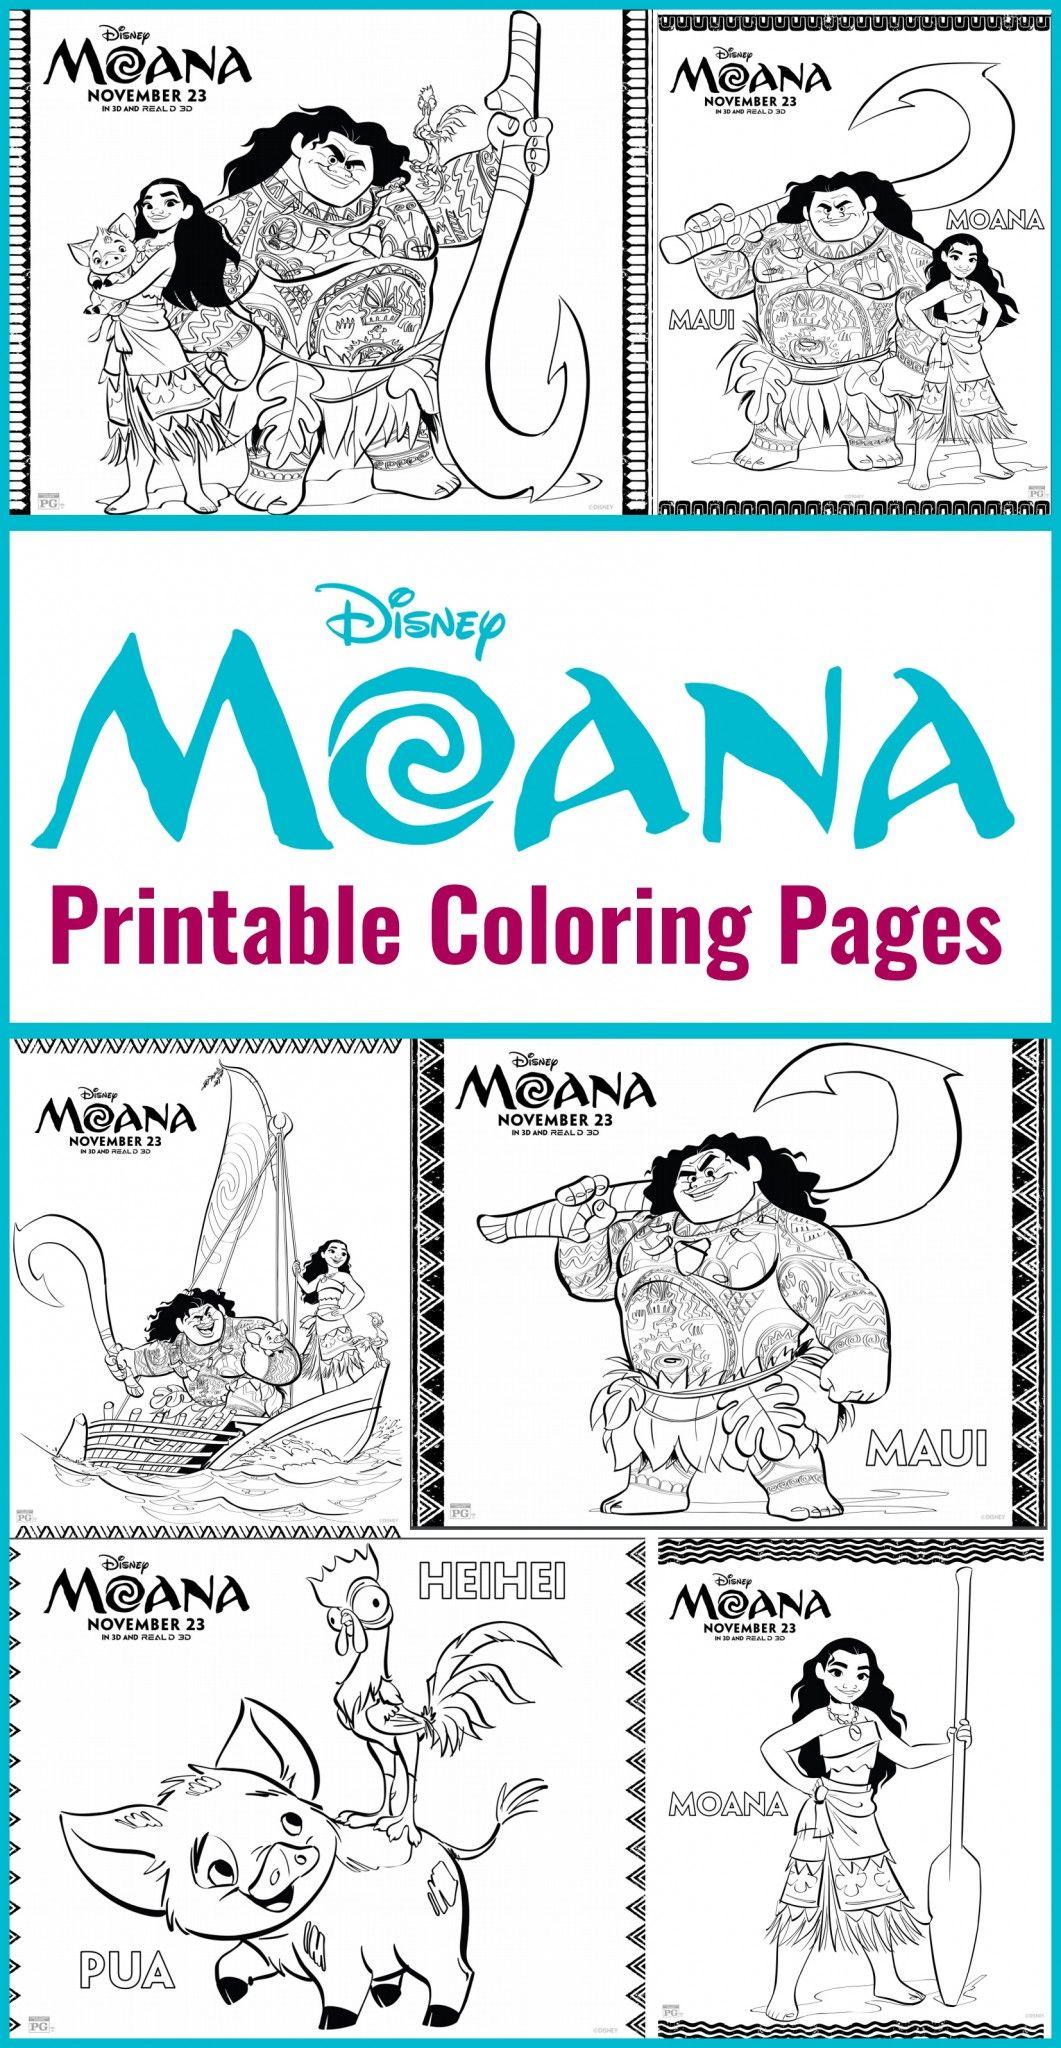 Printables - Disney\'s Moana Coloring Sheets | Cumple, Colorear y El mar